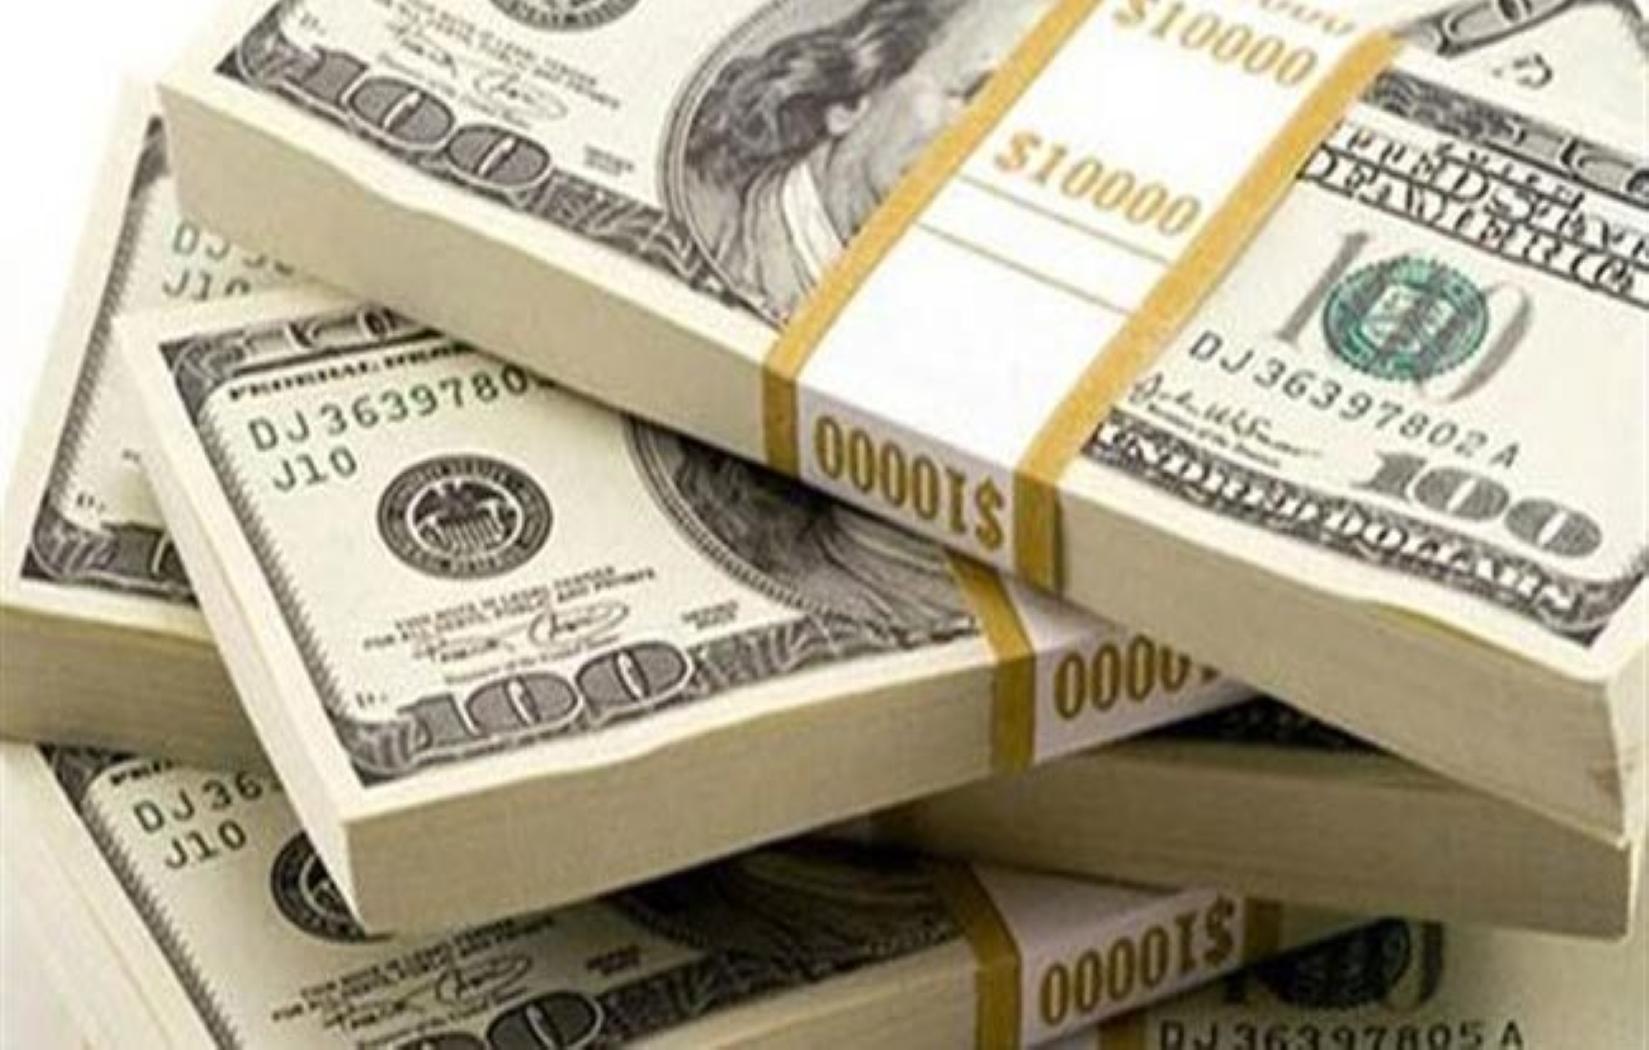 اسعار الدولار في الاسواق المحلية العراقية